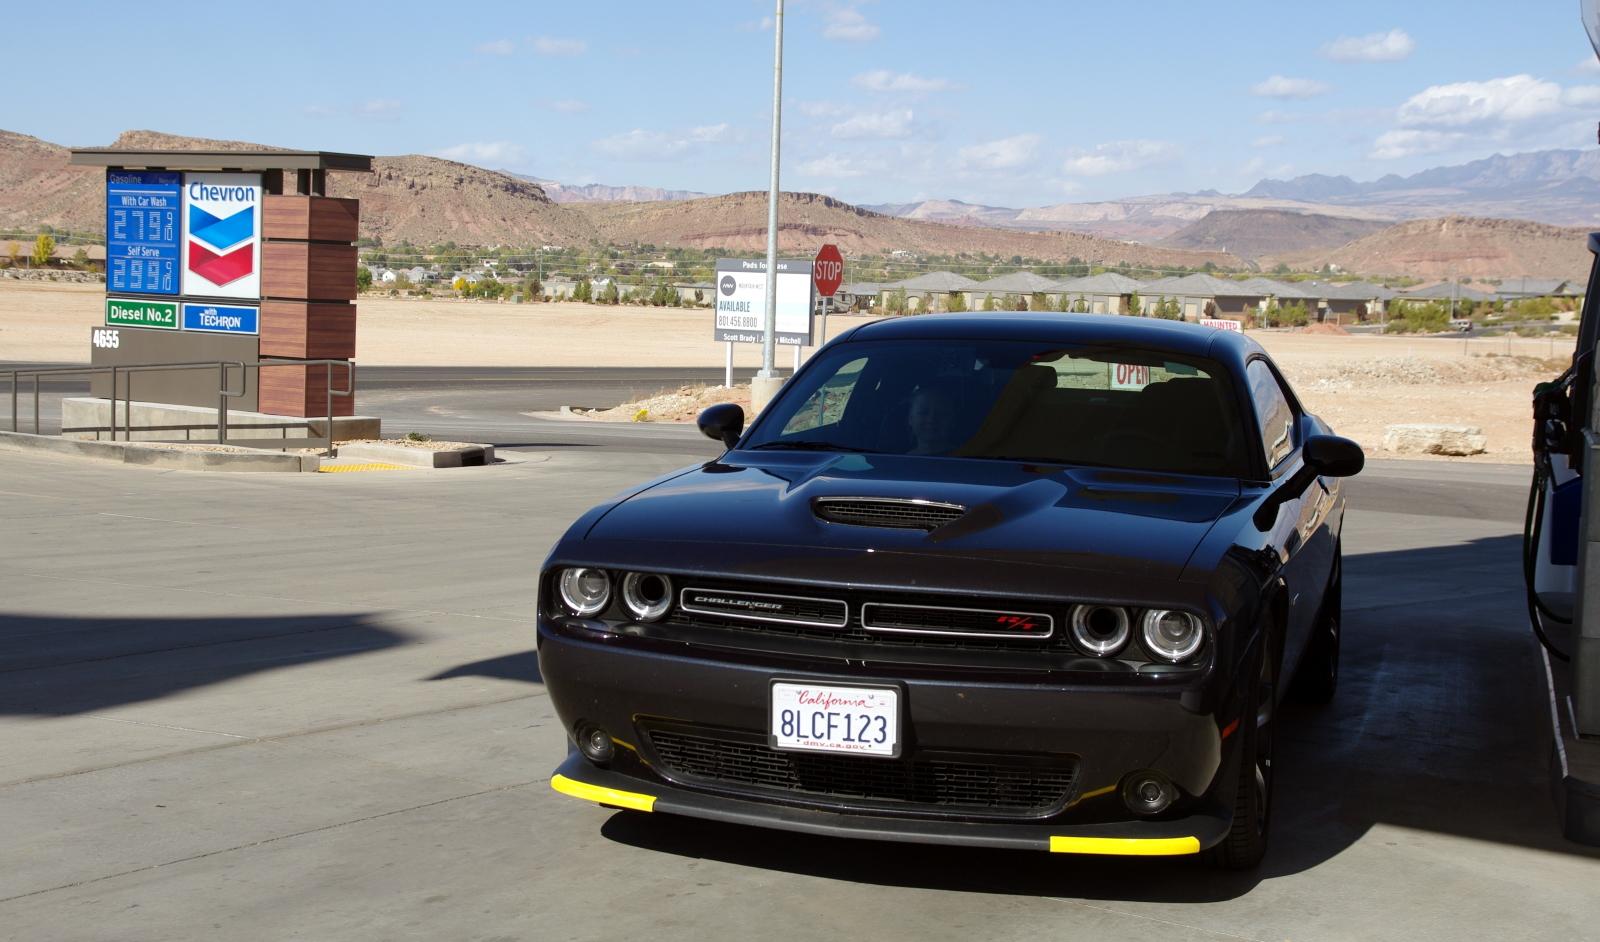 Road Trip / Ouest des USA en Challenger de location -Part II Imgpk255